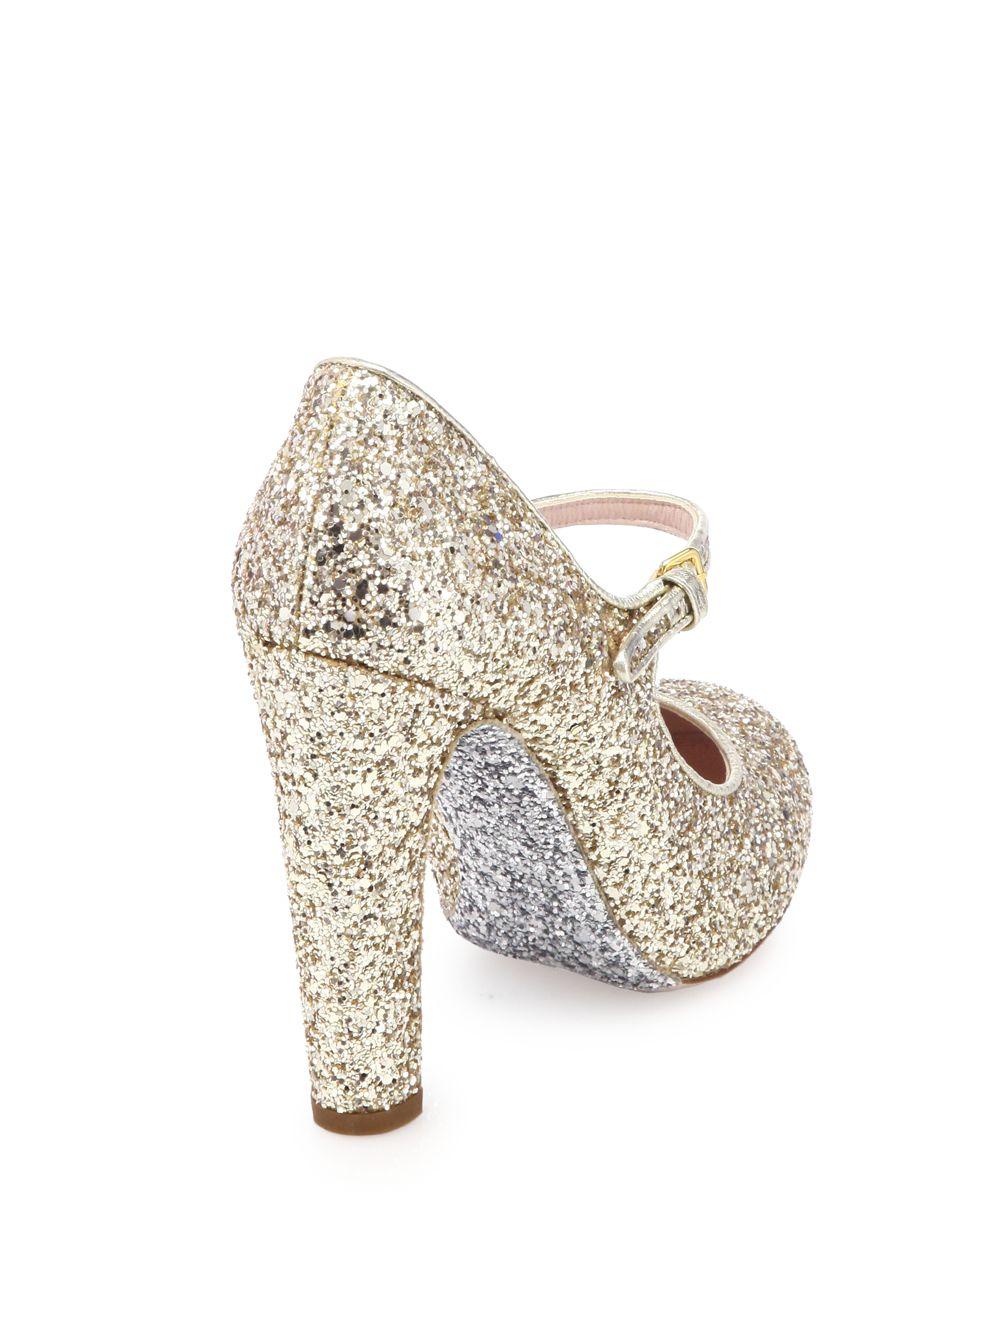 984a88bae17 Miu Miu Metallic Glitter Mary Jane Pumps